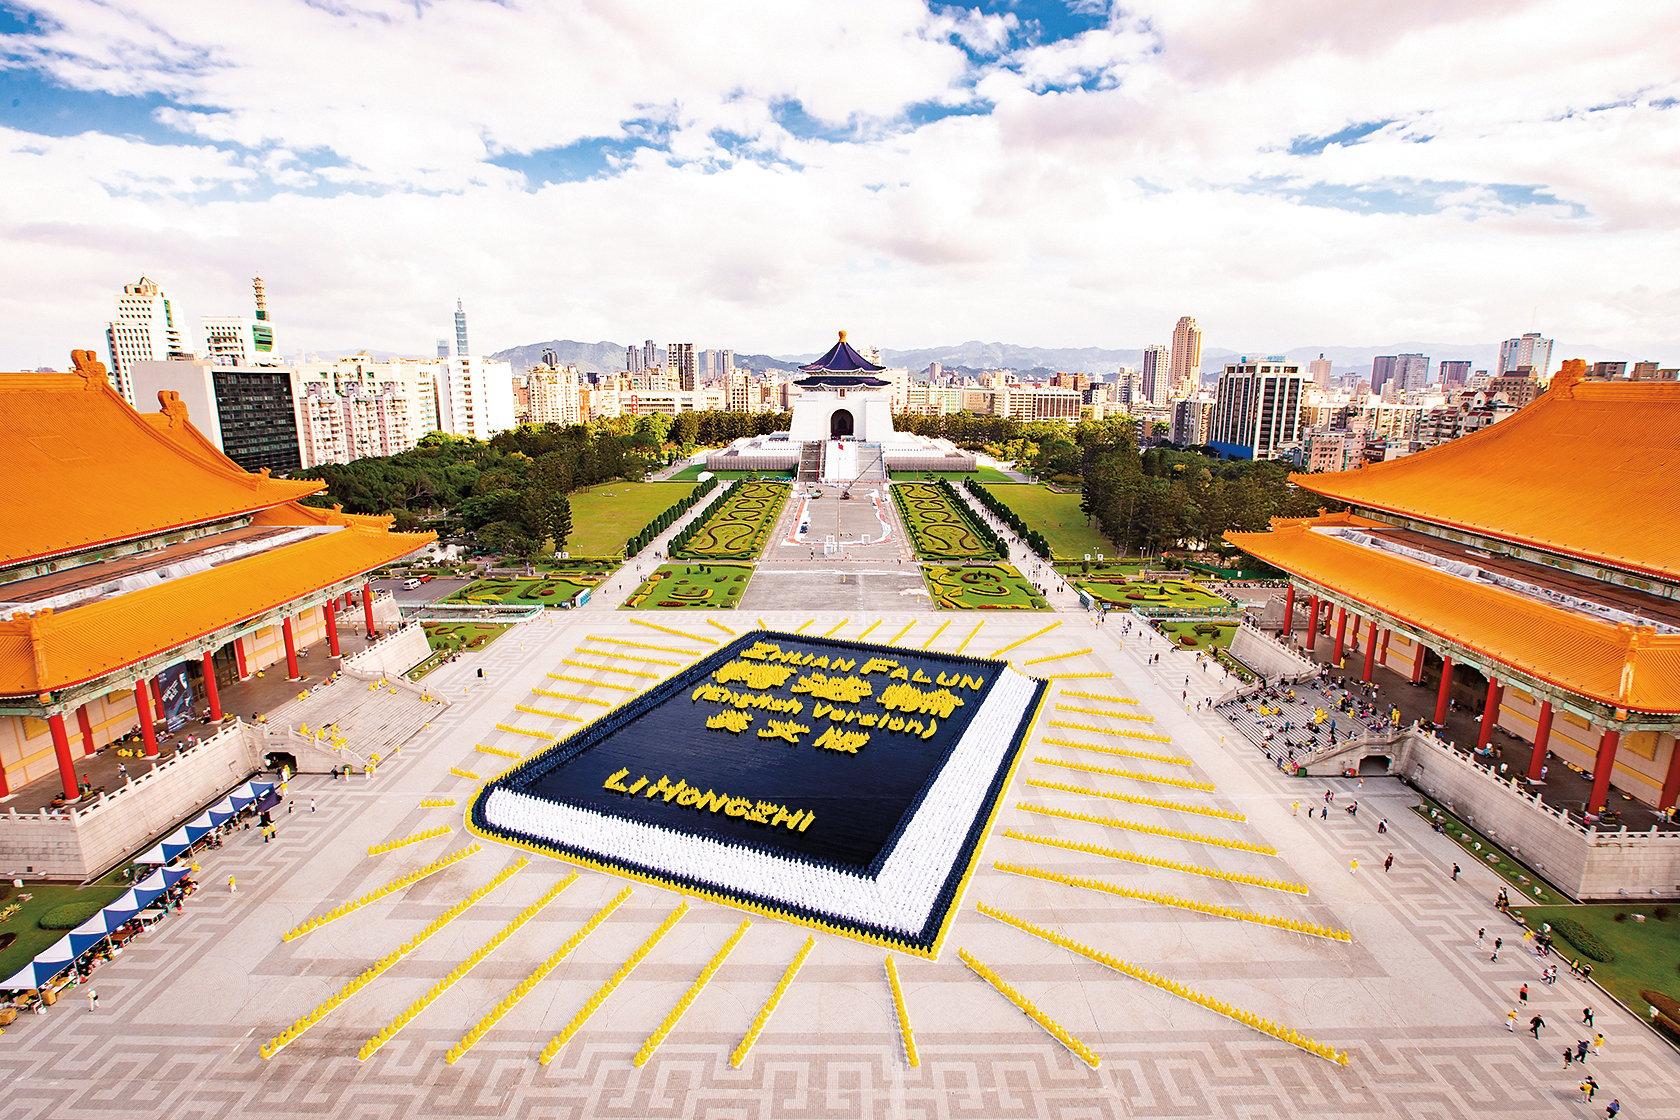 2018年11月24日,約5,400名法輪功學員在台灣中正紀念堂排出英譯本《轉法輪》的圖像。(陳柏州/大紀元)